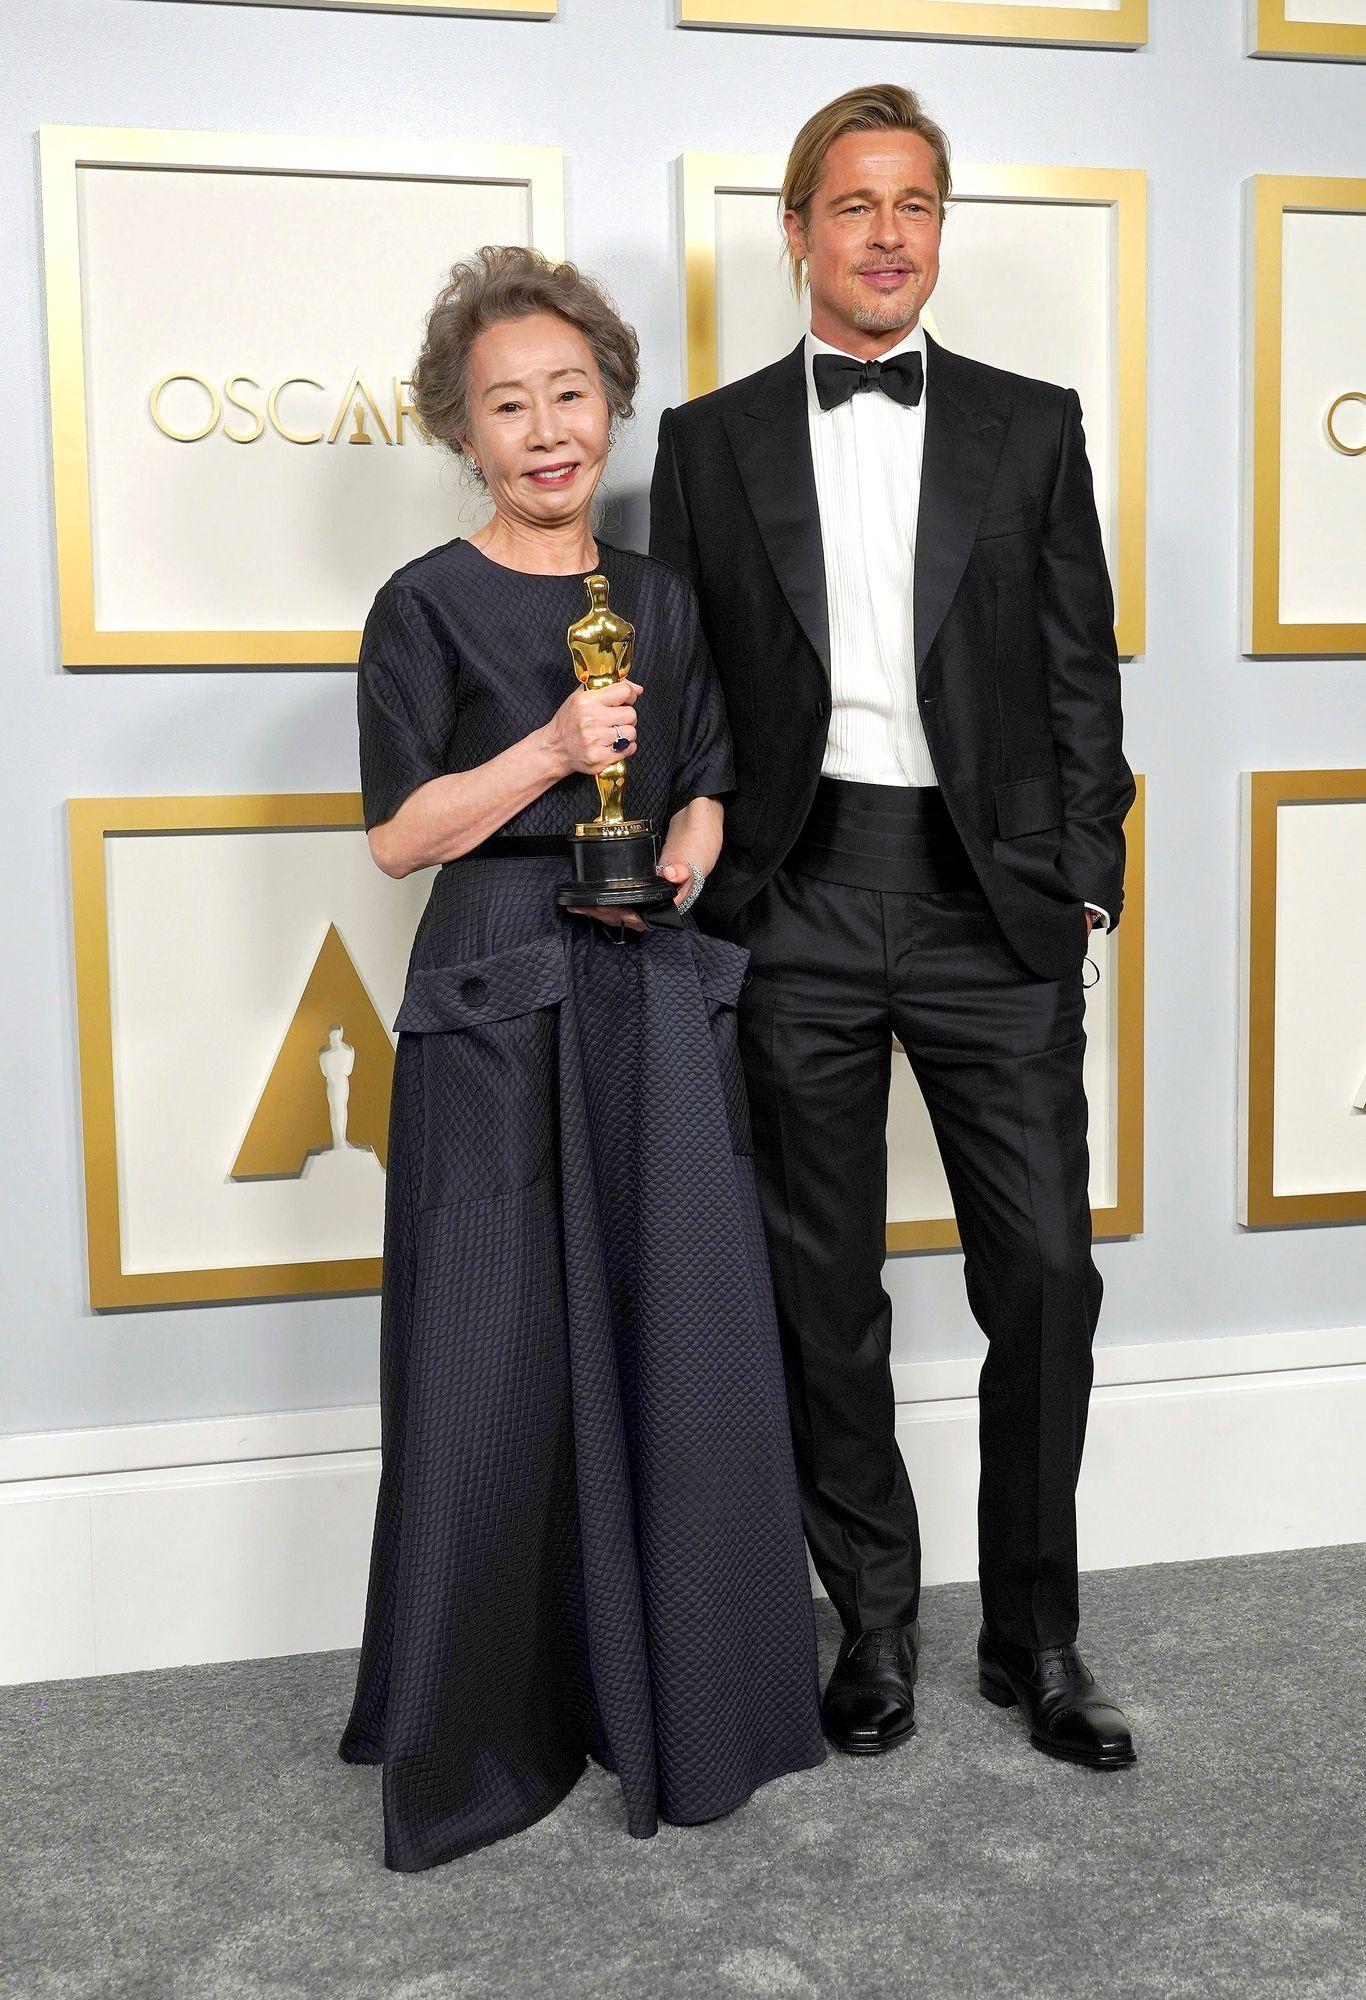 """Eteläkorealainen näyttelijä Youn Yuh-jung voitti Oscarin sivuosasta Minari -elokuvassa. """"Tämä on jännittävää ja vähän outoakin"""", kertoi Youn punaisella matolla ja pääsi palkinnon saatuaan kuviin Brad Pittin kanssa. © AP / MEGA / The Mega Agency / MVPhotos"""